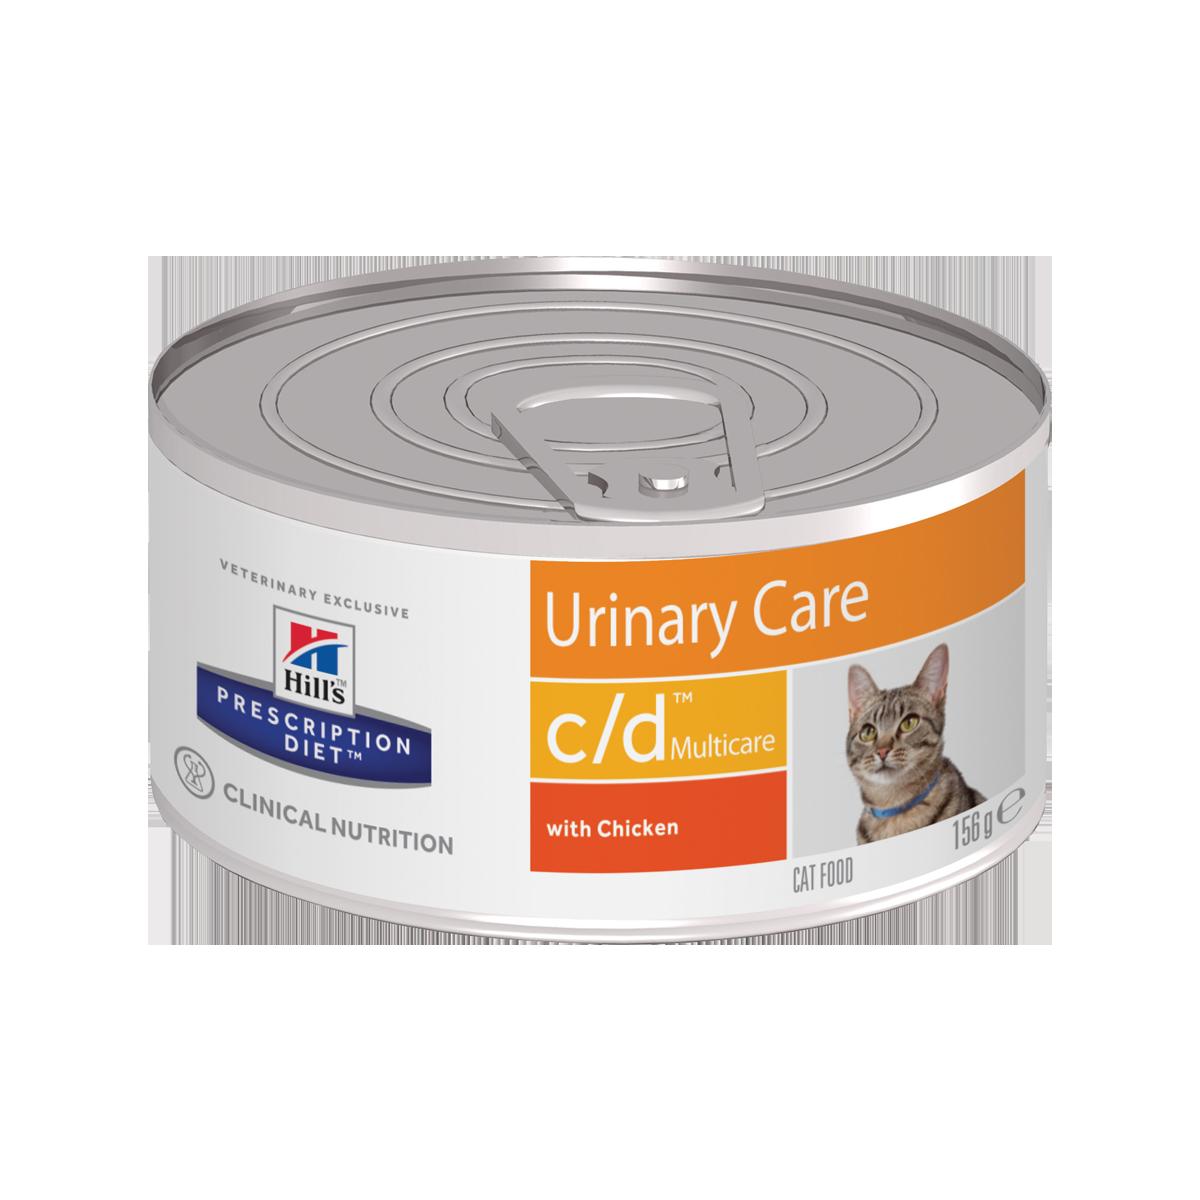 Hill's PD c/d Multicare Консервы-диета для кошек при урологическом синдроме, с курицей